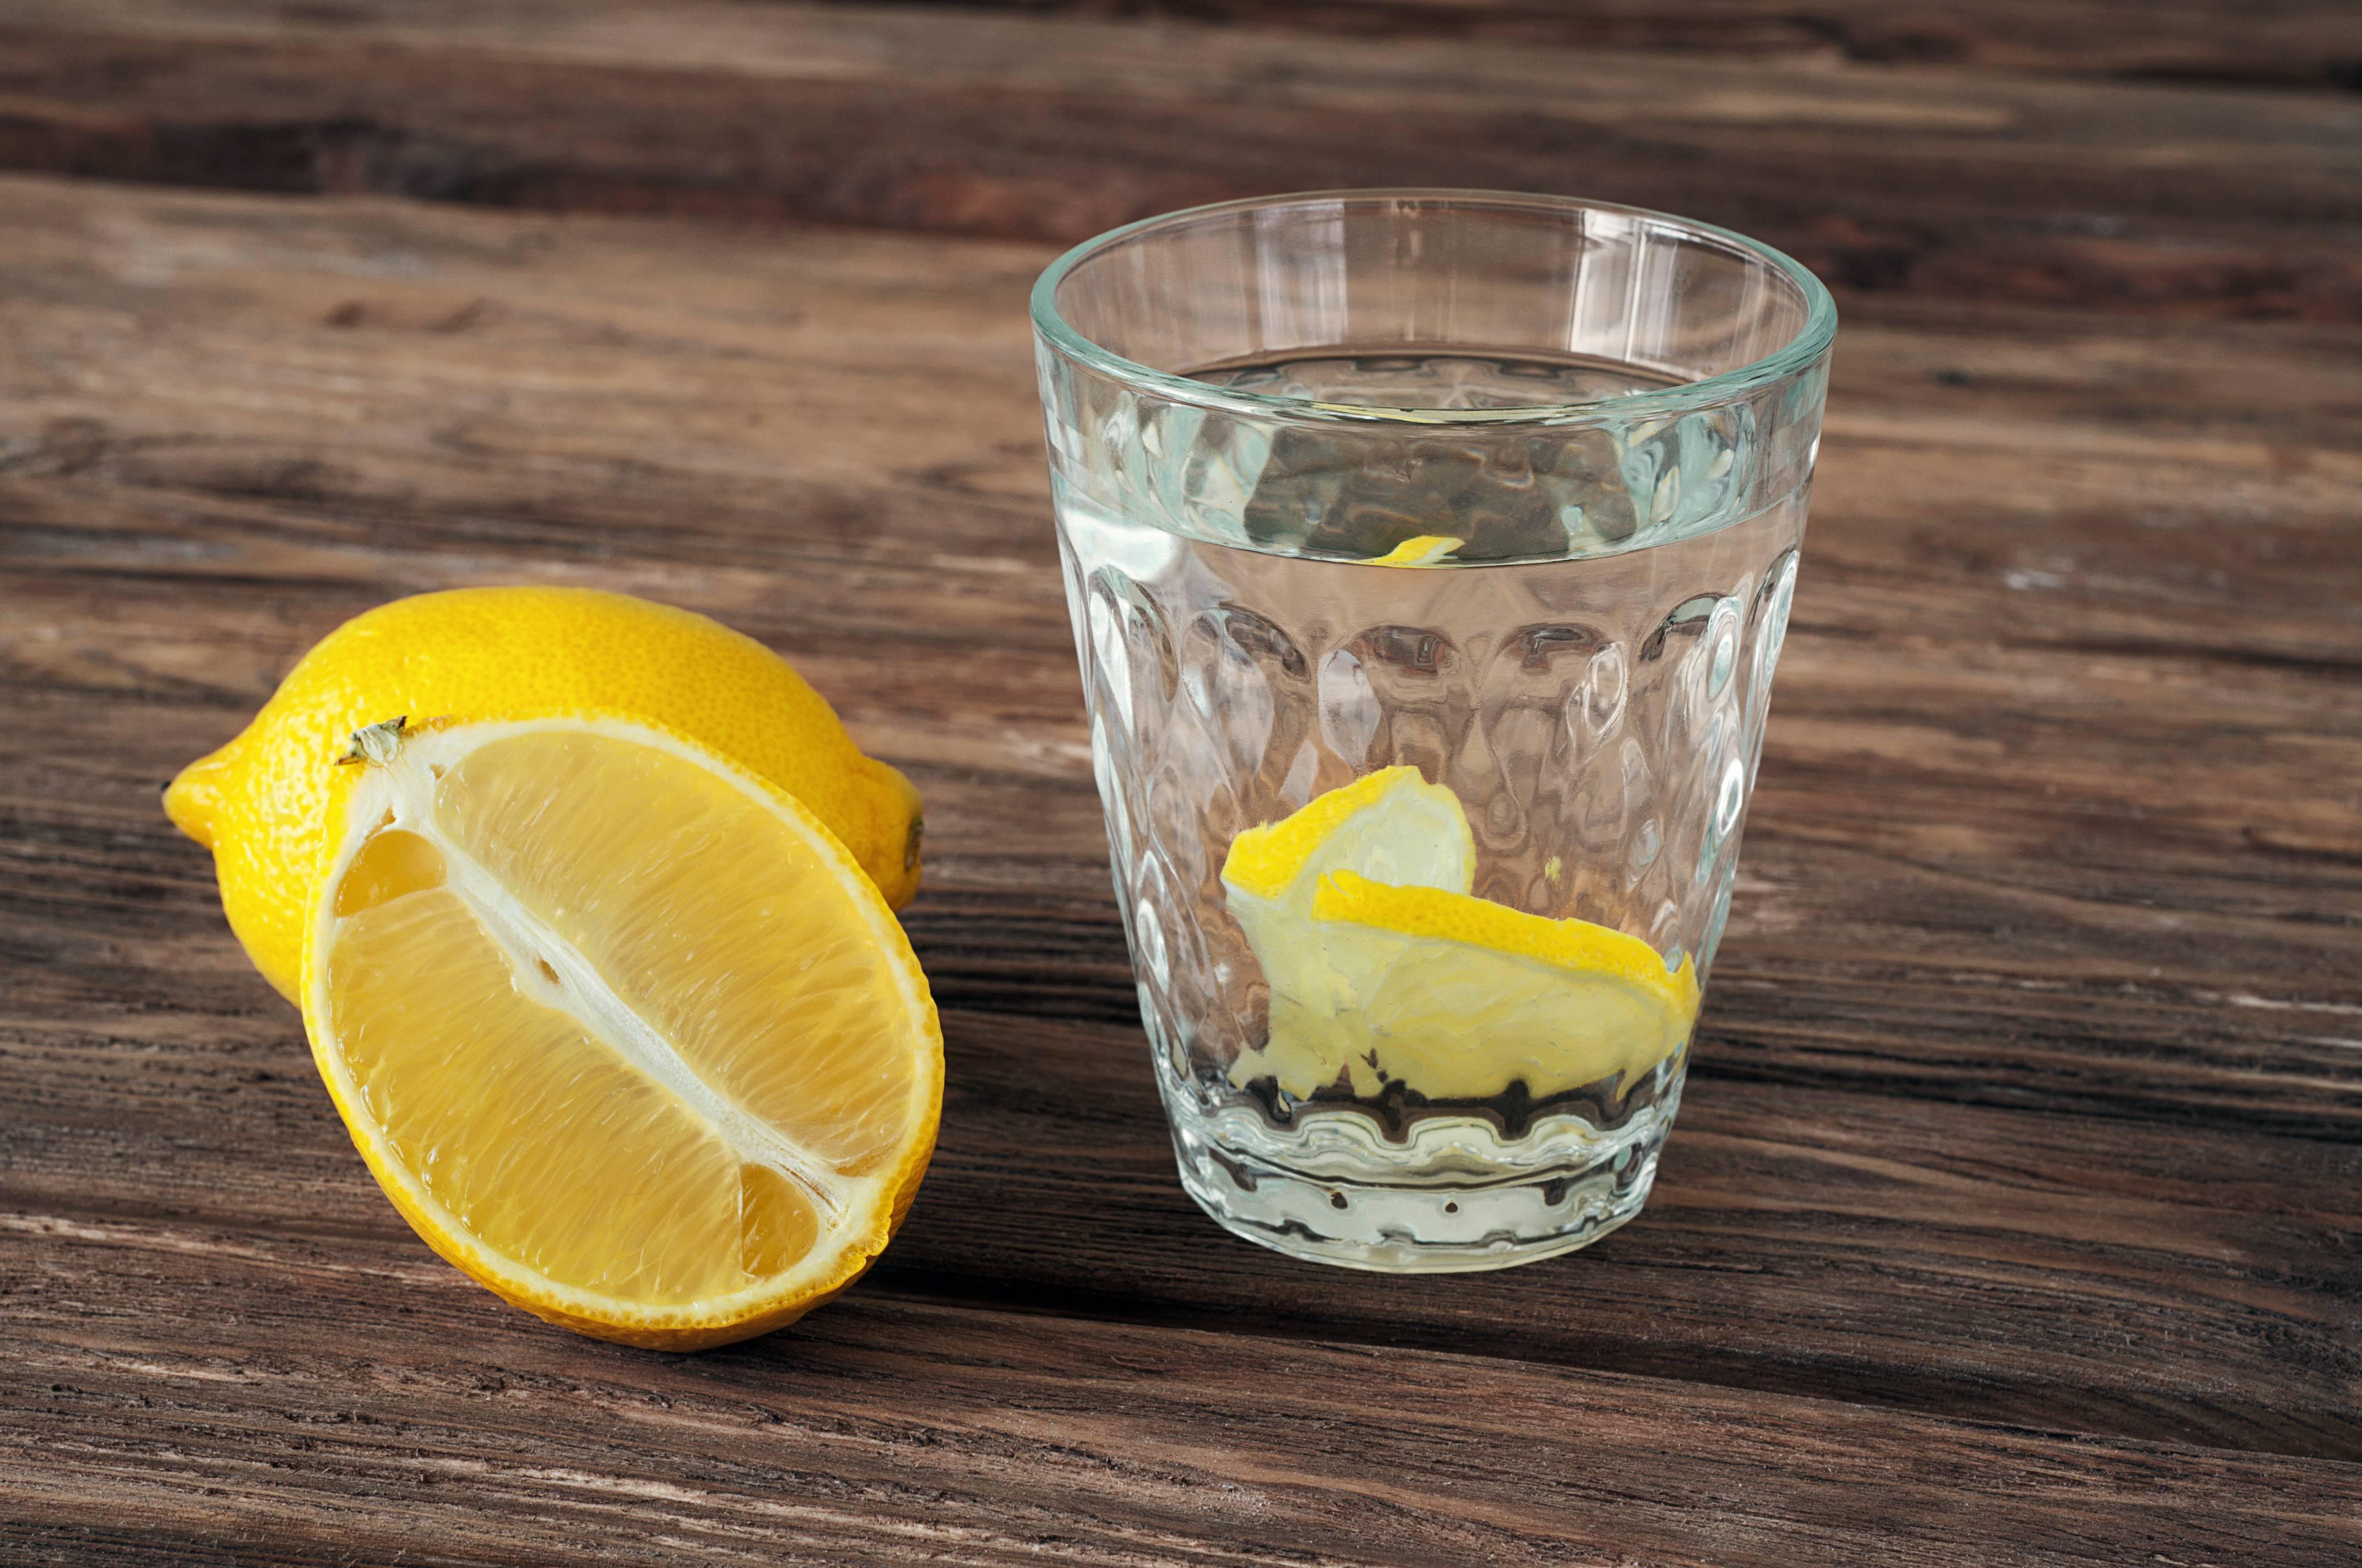 Sciroppo di limone fatto in casa, una bevanda golosa ricca di vitamina C